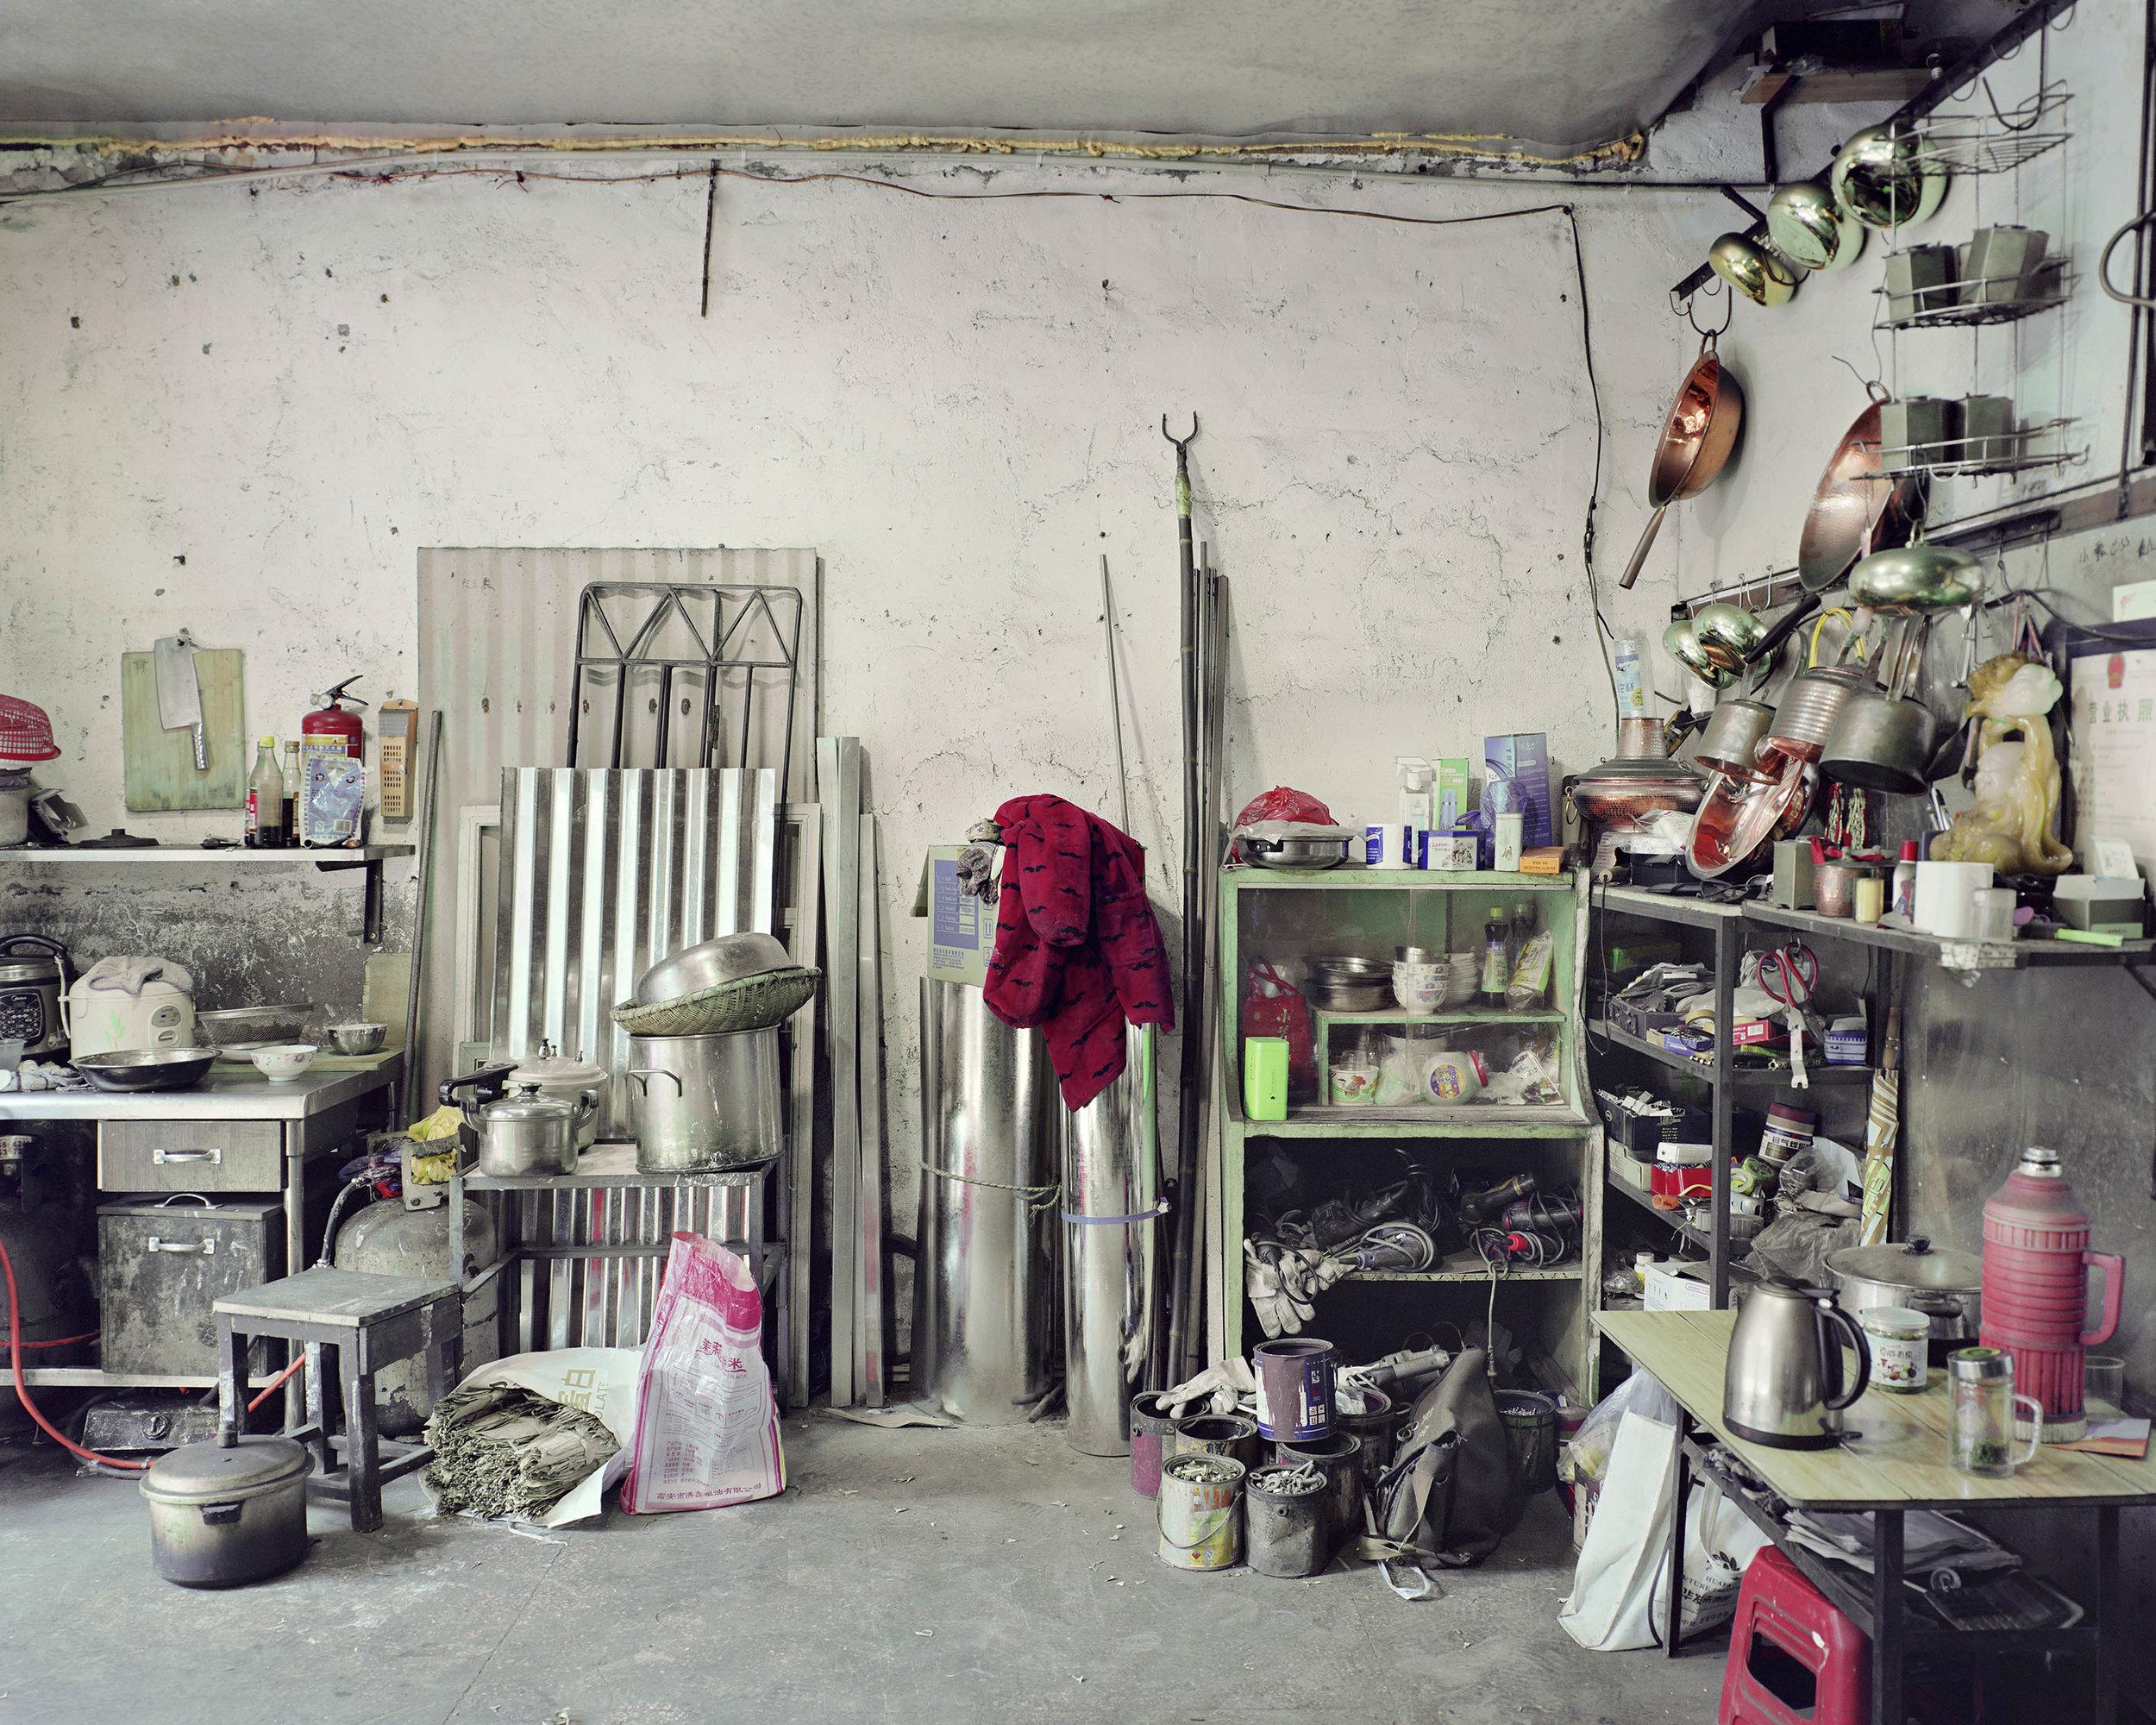 唐晶,《花楼街铜器店》,2017年。泛太克纯棉硫化钡艺术微喷,100cm x 140cm。图片由艺术家提供。